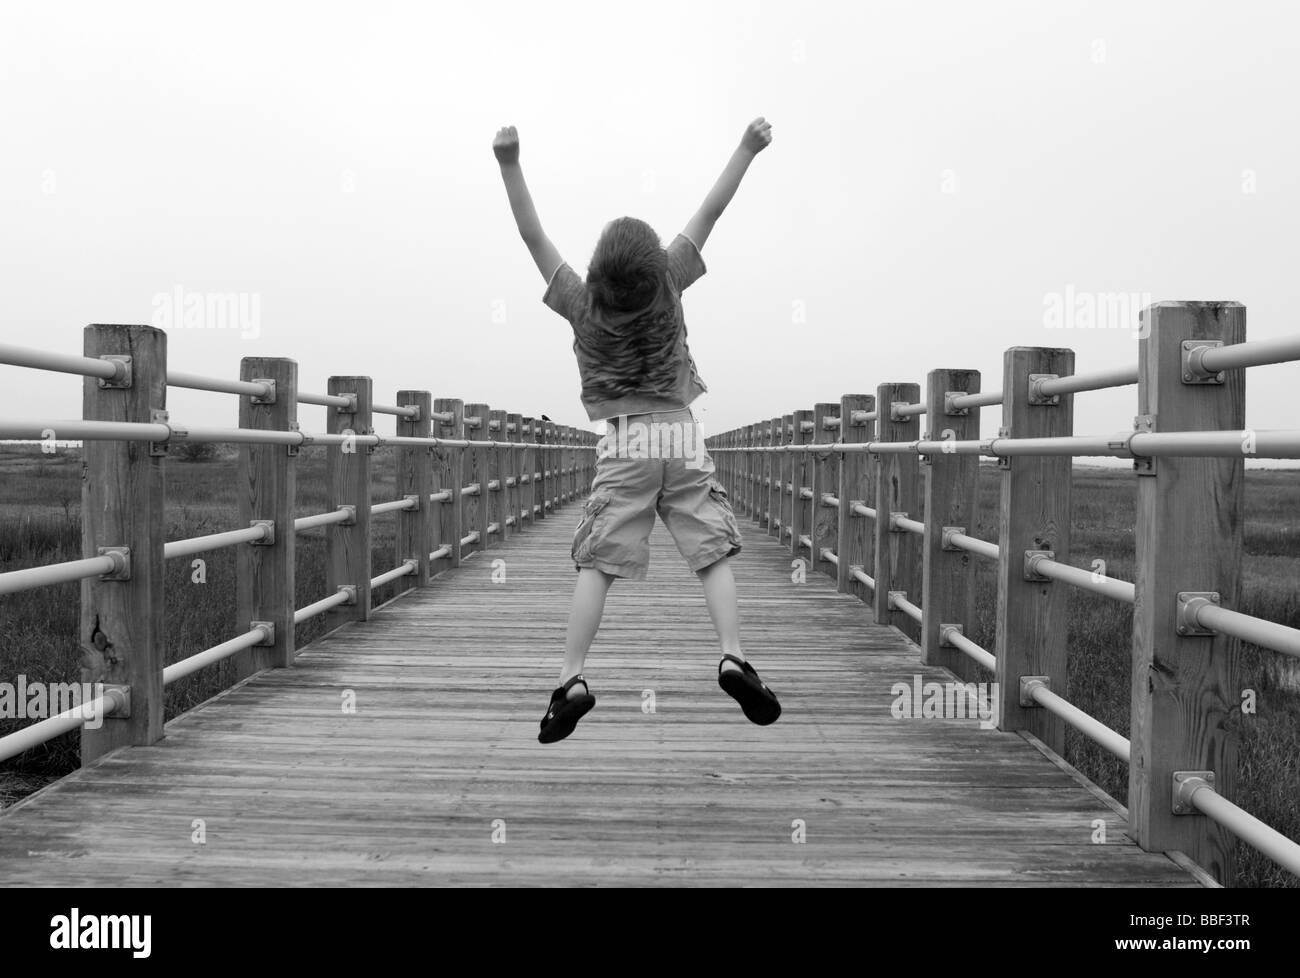 Yo niño salta con alegría a lo largo de un paseo marítimo en Milford, Connecticut, EE.UU. Imagen De Stock